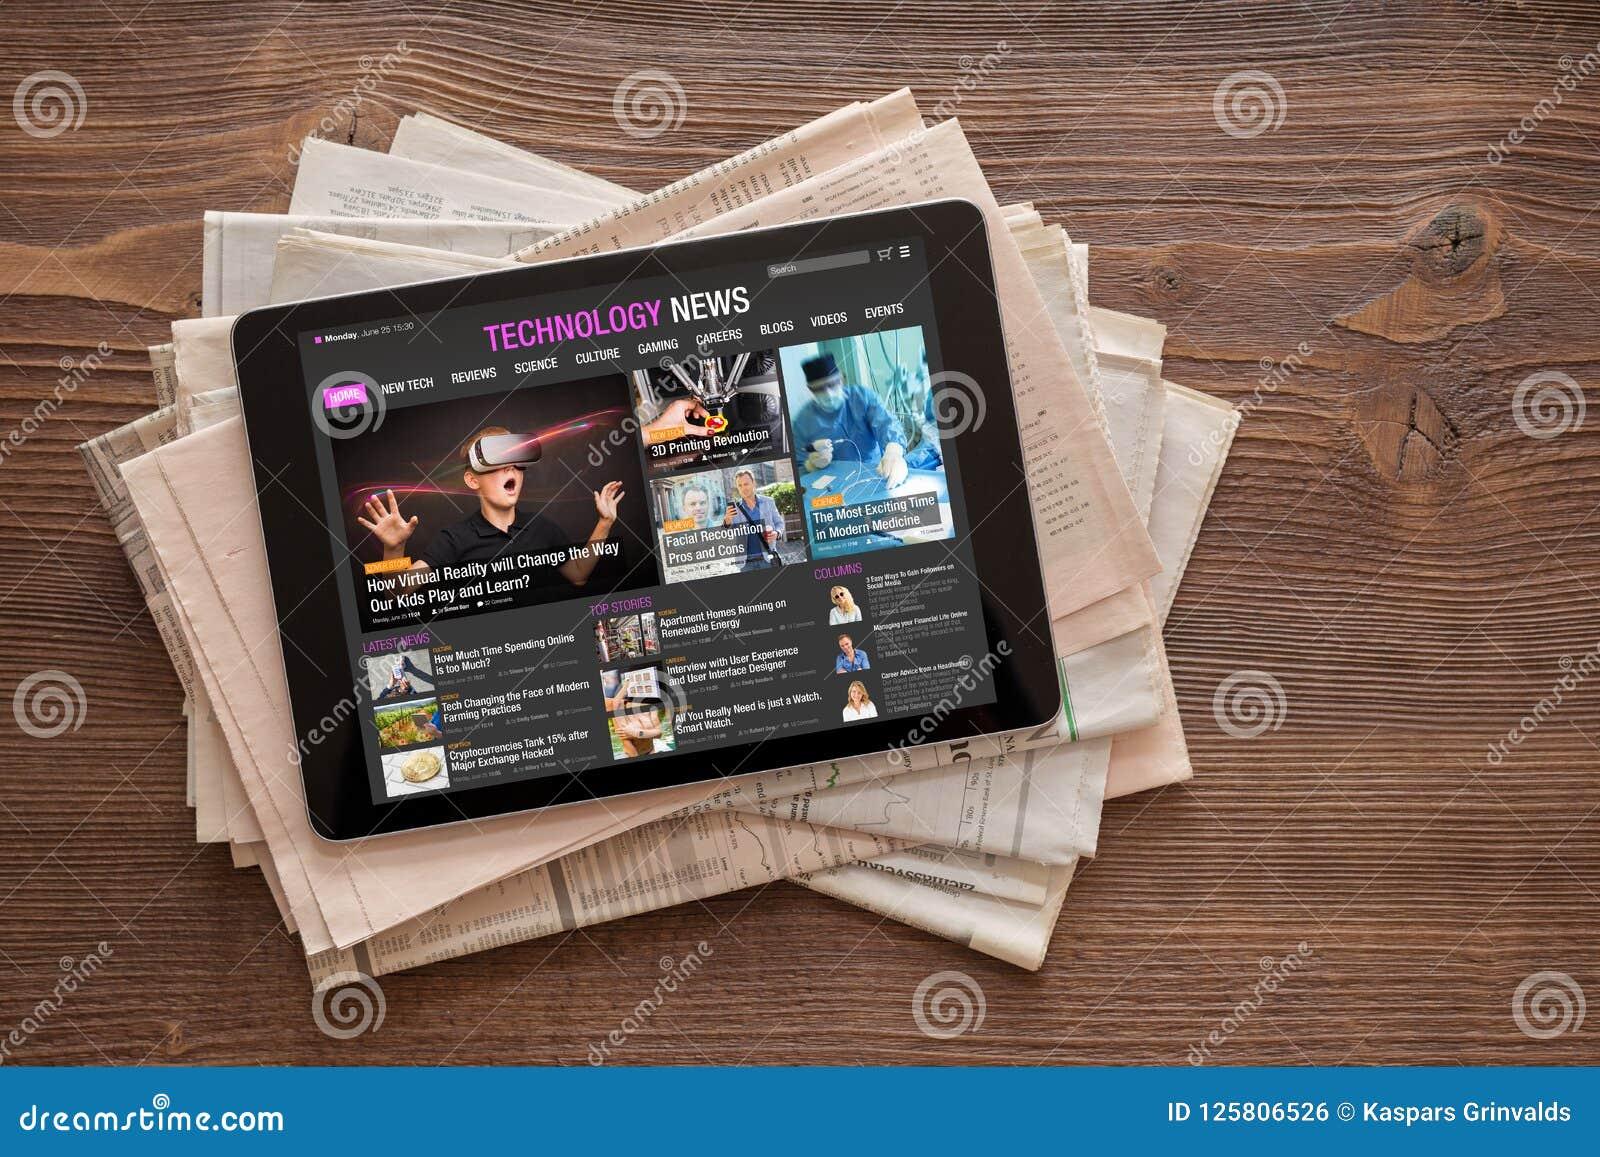 Technologie-nieuwswebsite op tablet op stapel kranten